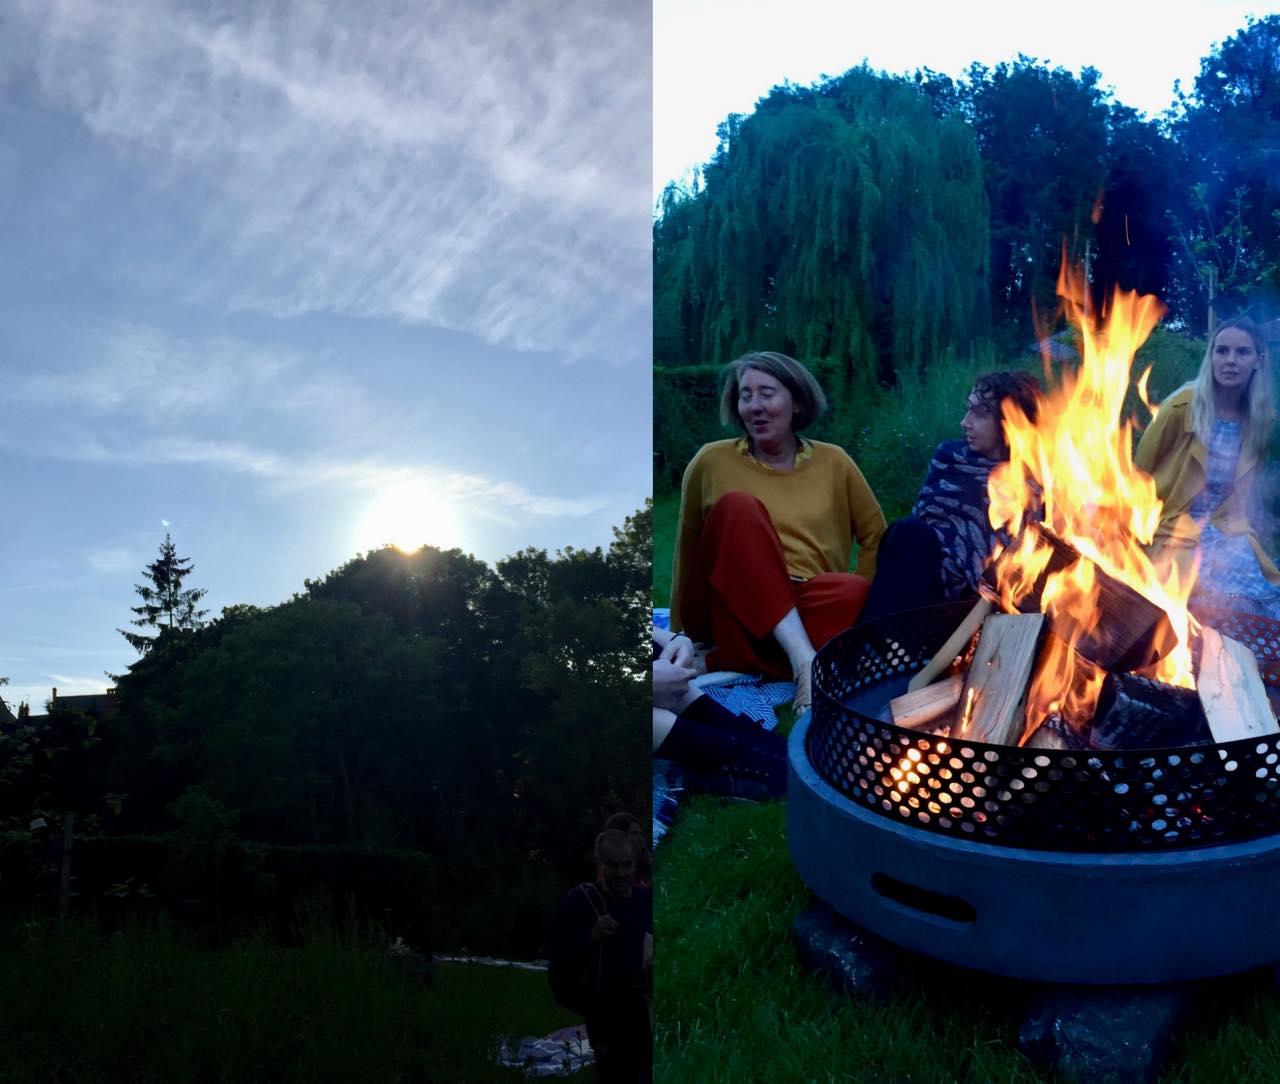 焚き火を囲むと連帯感が増しますよね ^^  不思議〜。